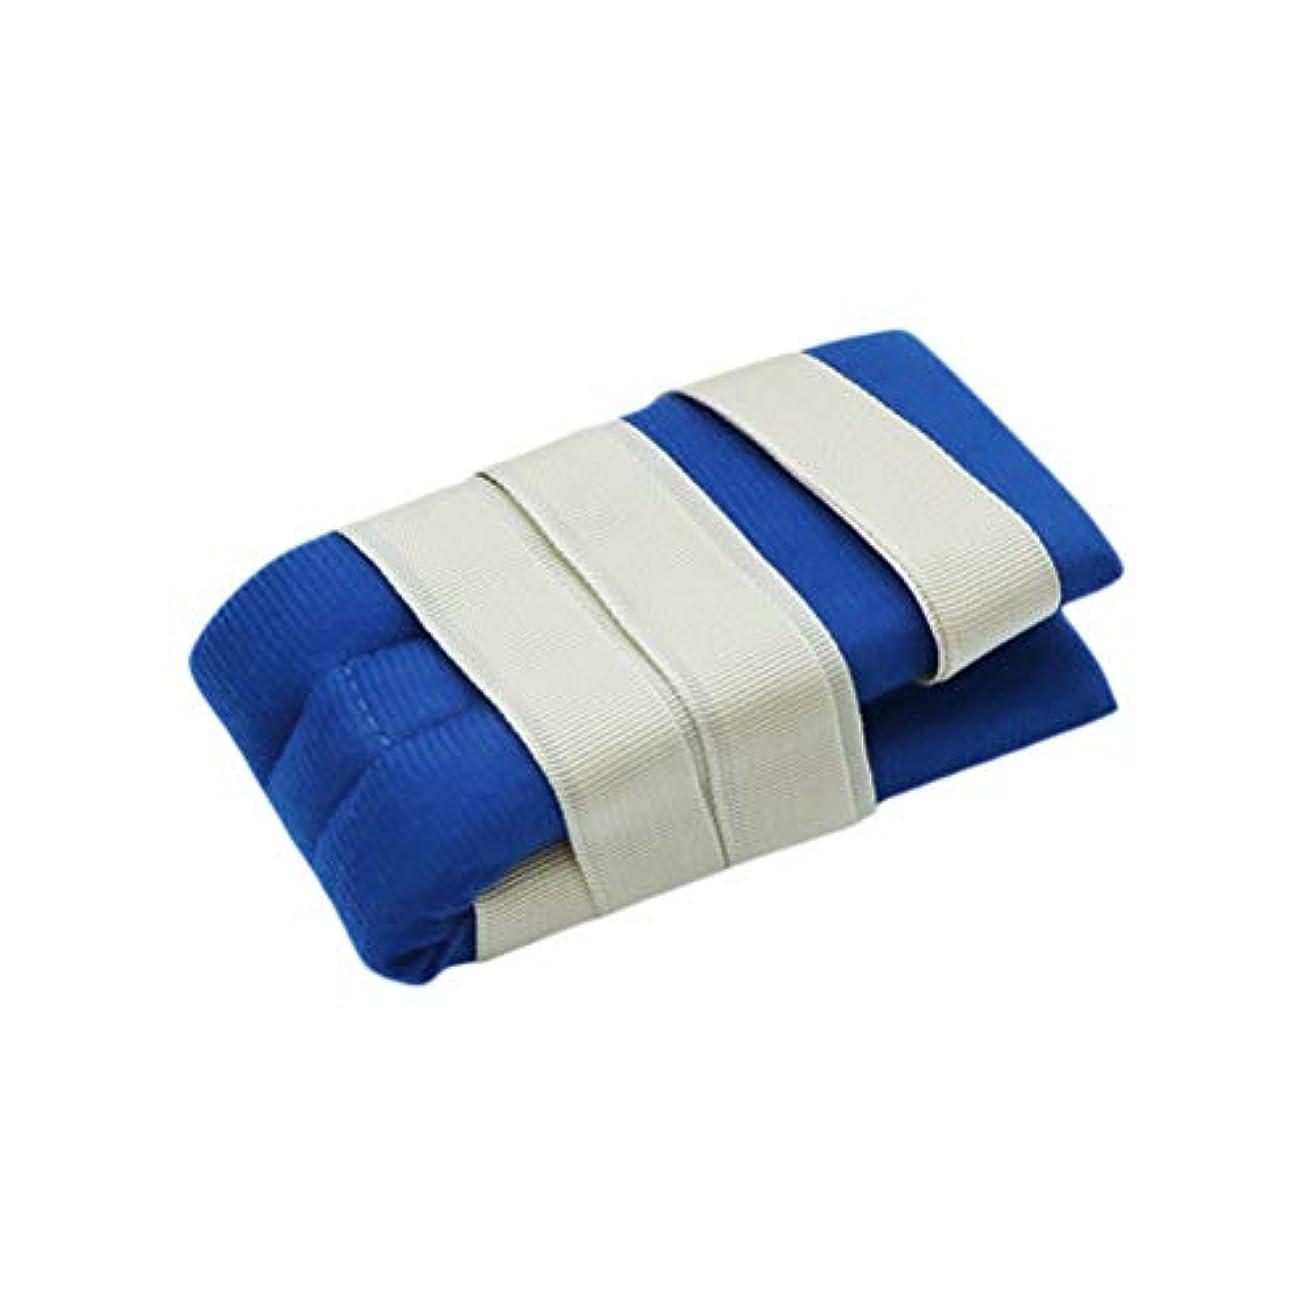 敵意メーカー背骨手または足のための柔らかい医学の制限の革紐バンド病院用ベッドの肢のホールダー患者のための普遍的な抑制制御クイックリリースバンド